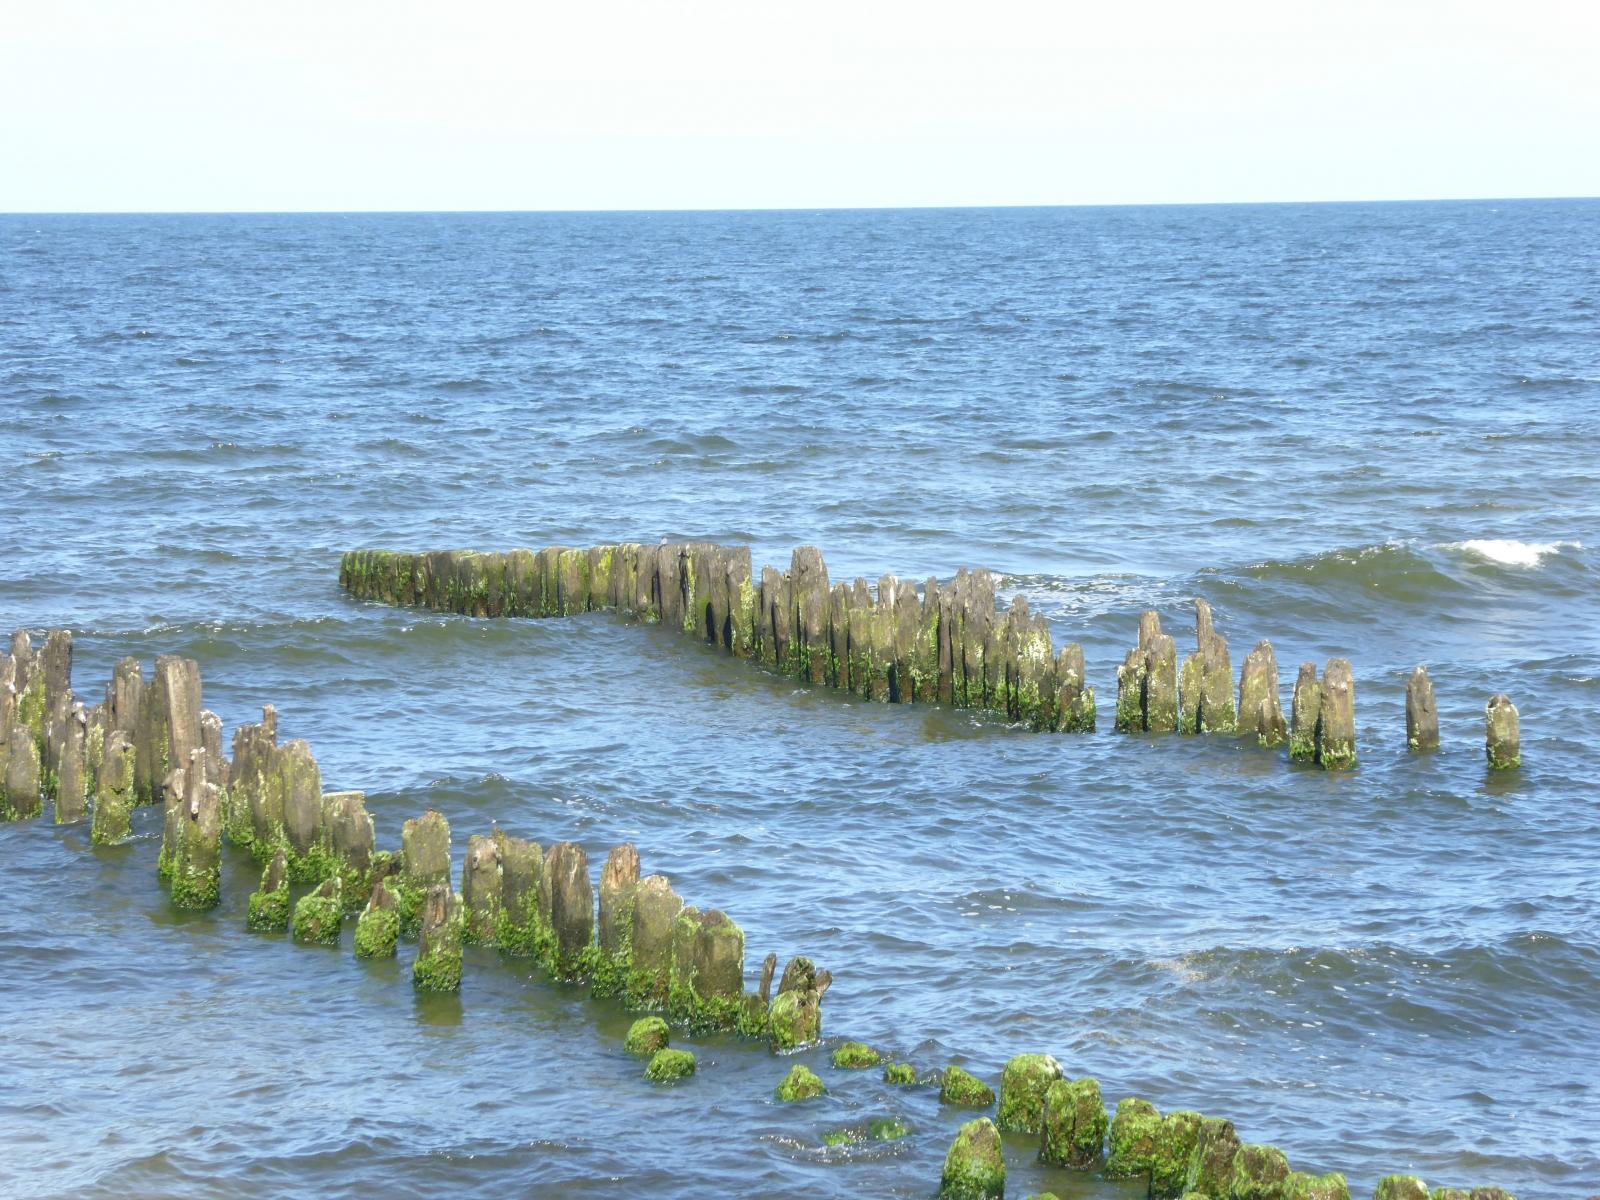 Diese Wellenbrecher haben schon bessere Tage erlebt, werden aber immer gerne von den Seevögln als Raststation eingenommen.